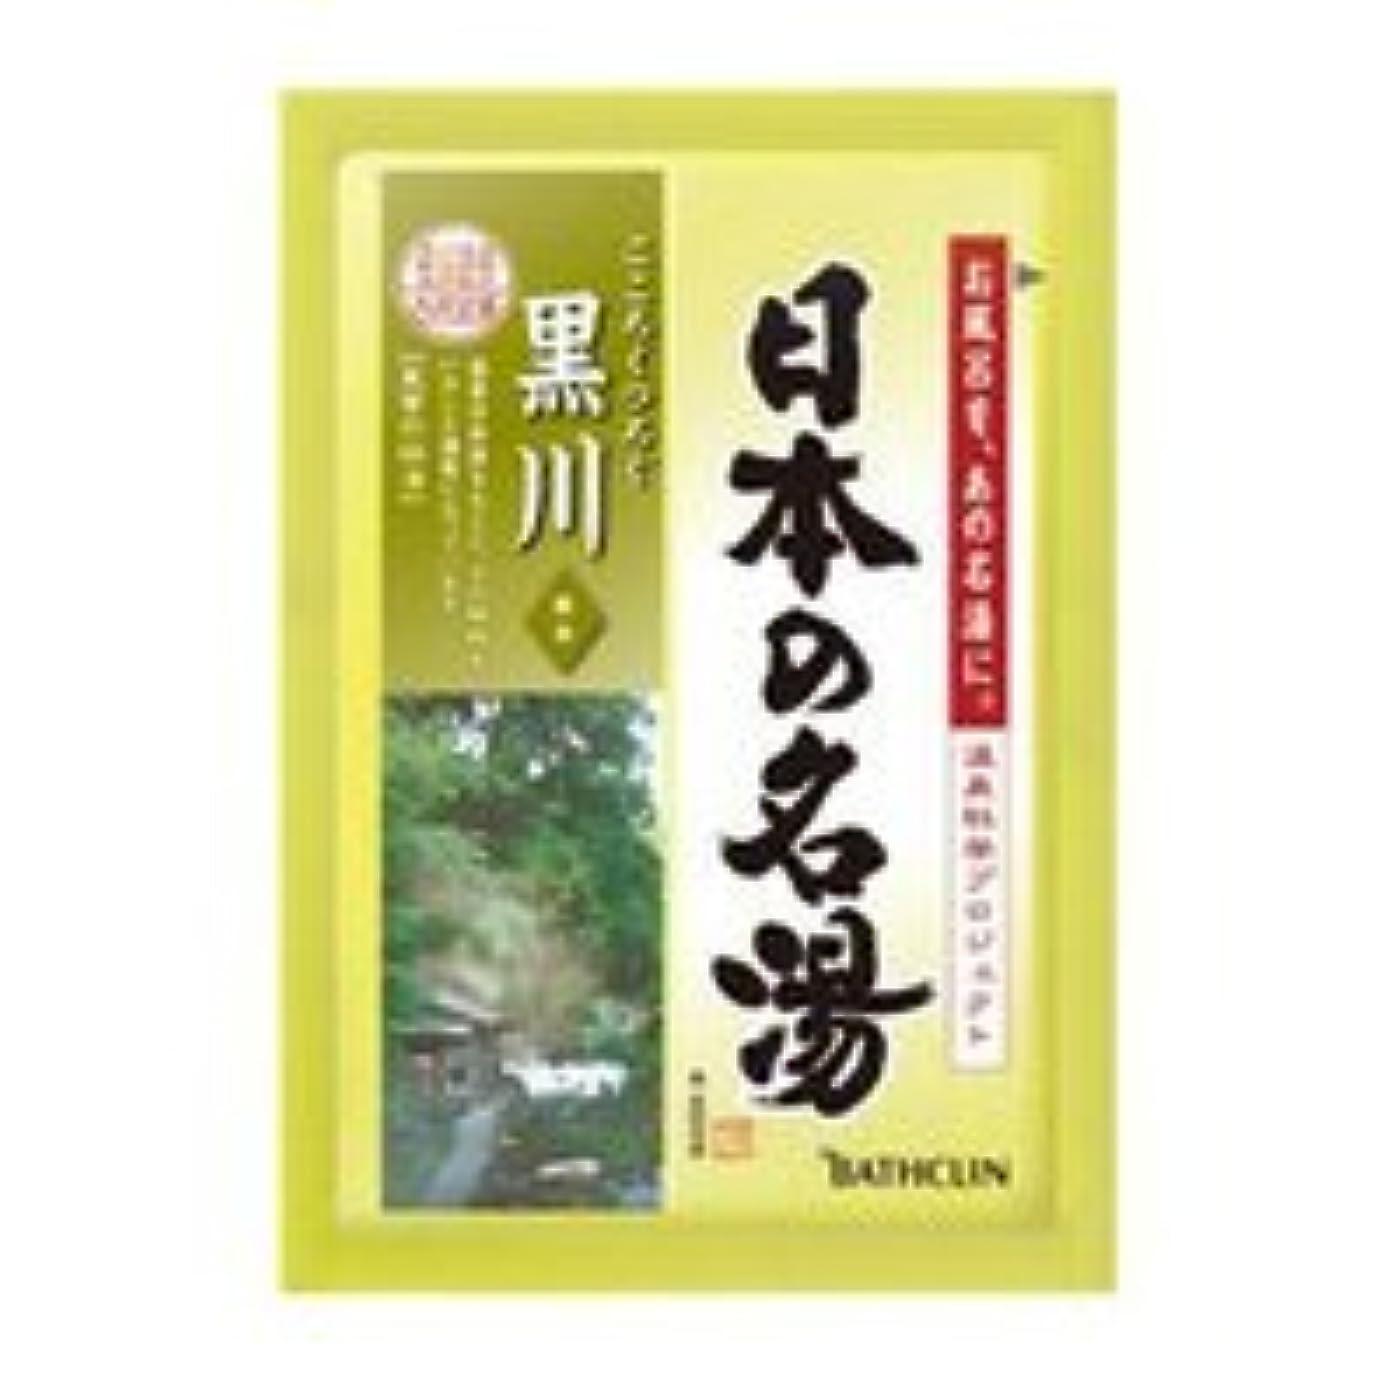 包括的エキスサンダースバスクリン 日本の名湯 黒川 1包 30g (温泉タイプ入浴剤)×120点セット (4548514135093)